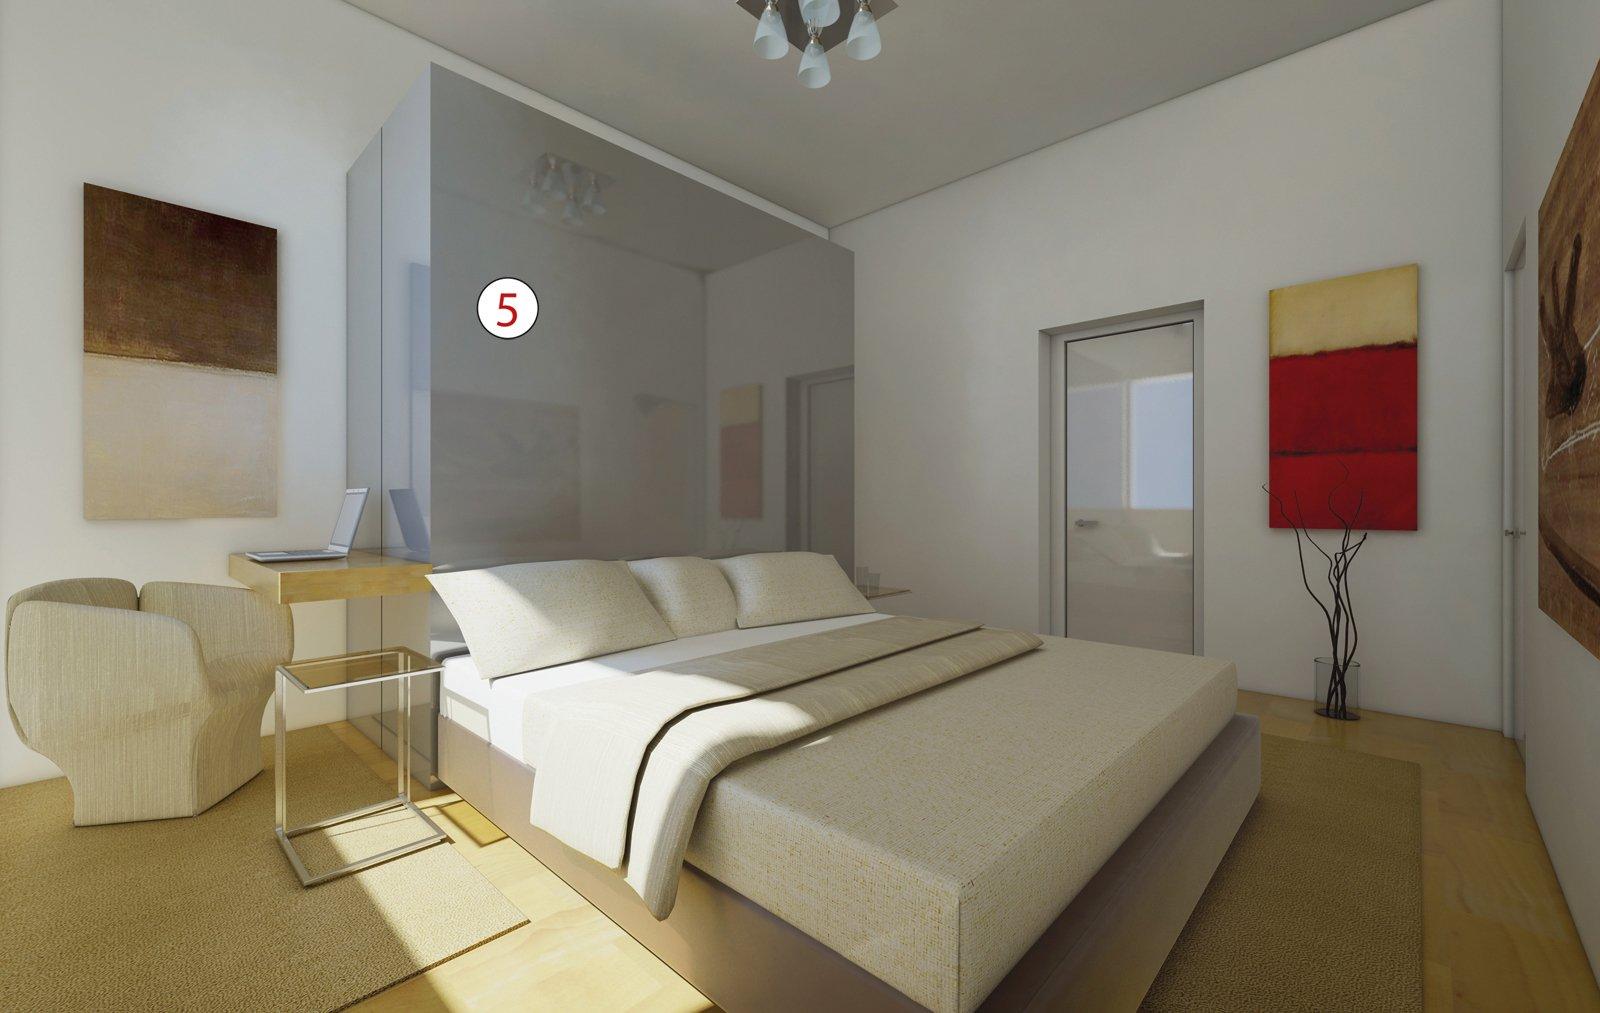 Tante idee per migliorare casa focus sulla zona notte - Idee armadio camera da letto ...